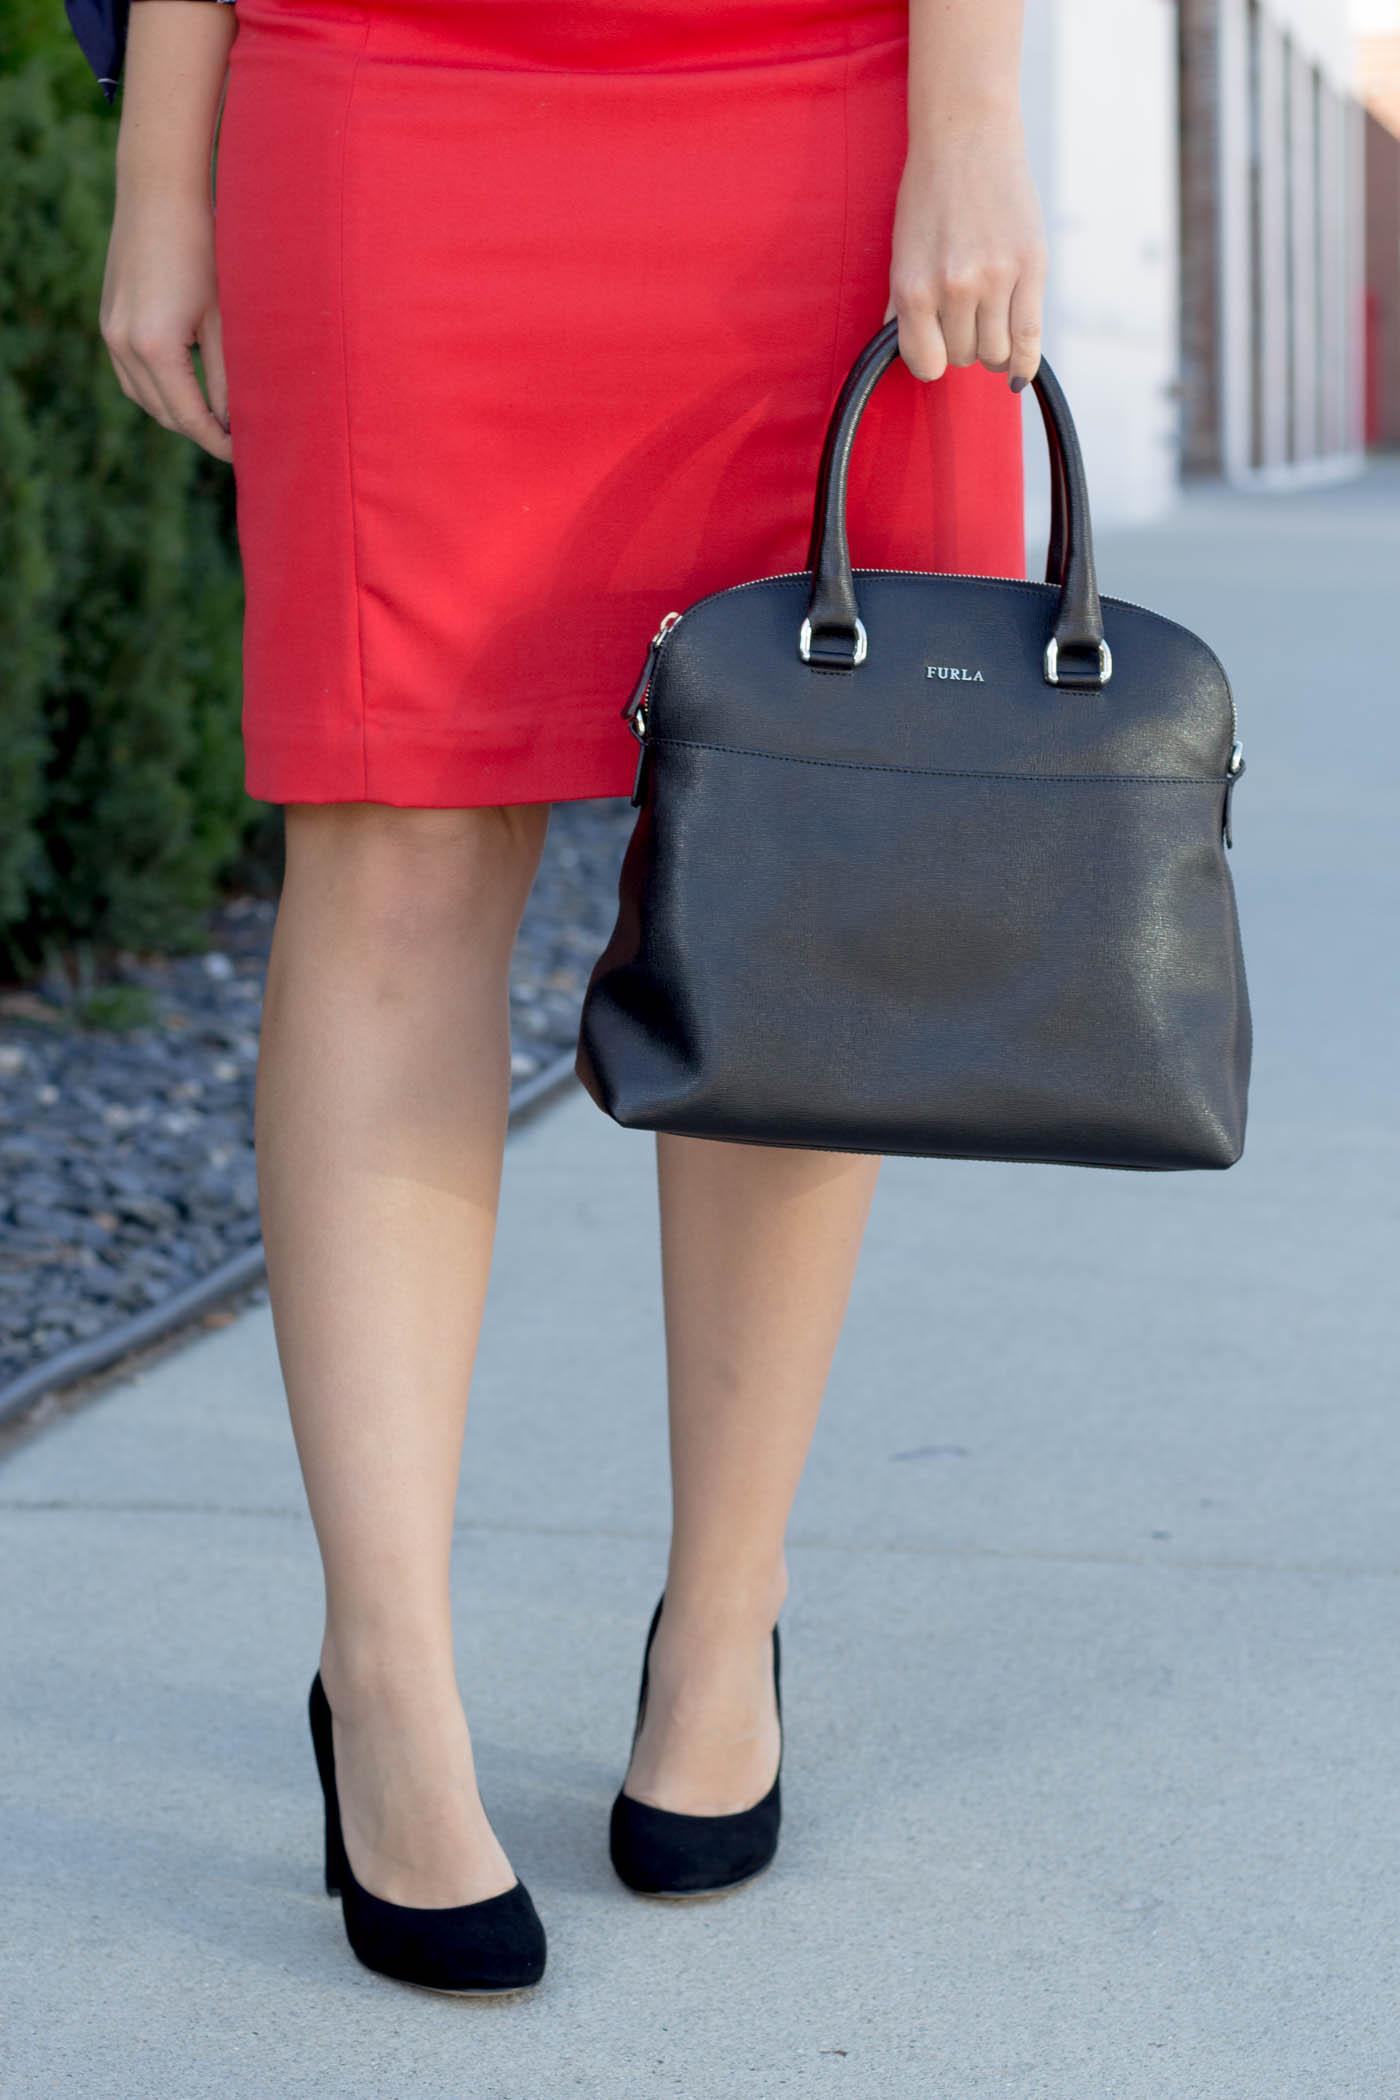 Sam Edelman pumps and Furla handbag